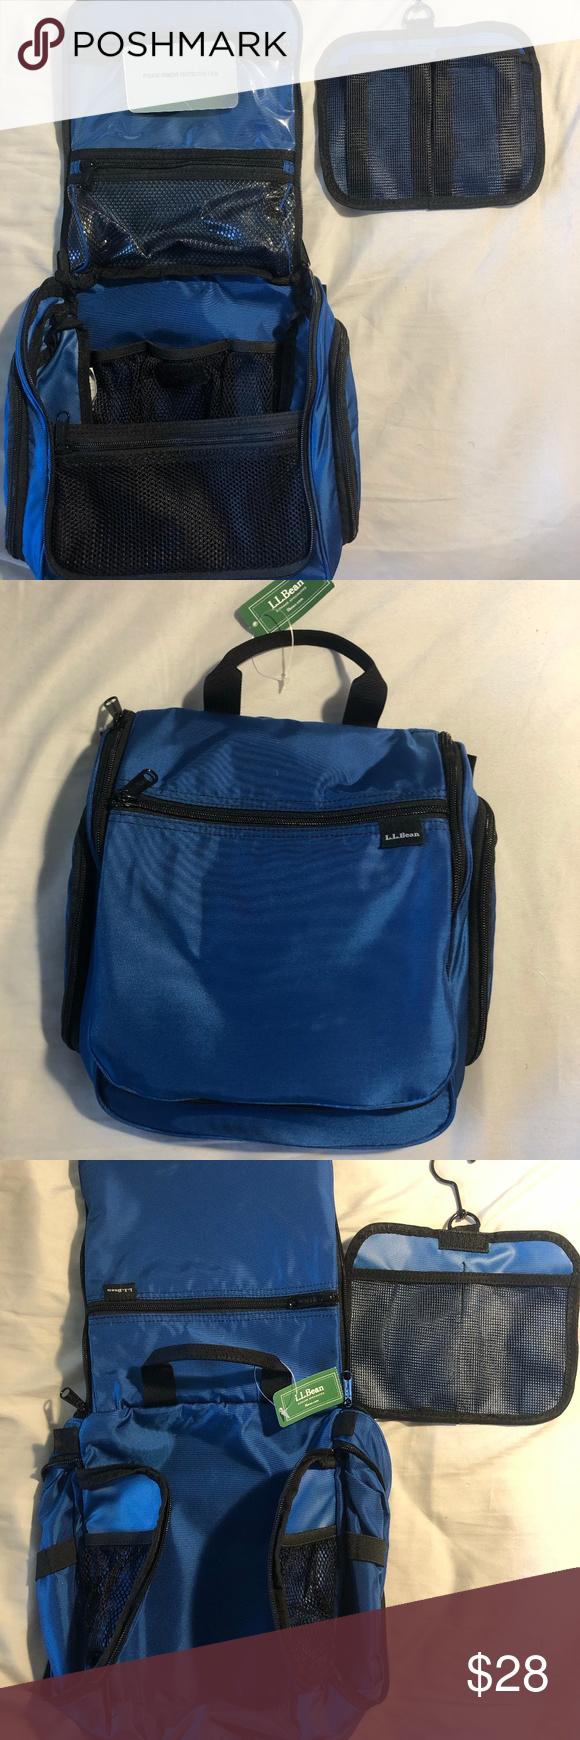 Ll Bean Travel Bag Boutique Travel Bags Bags Nautical Blue